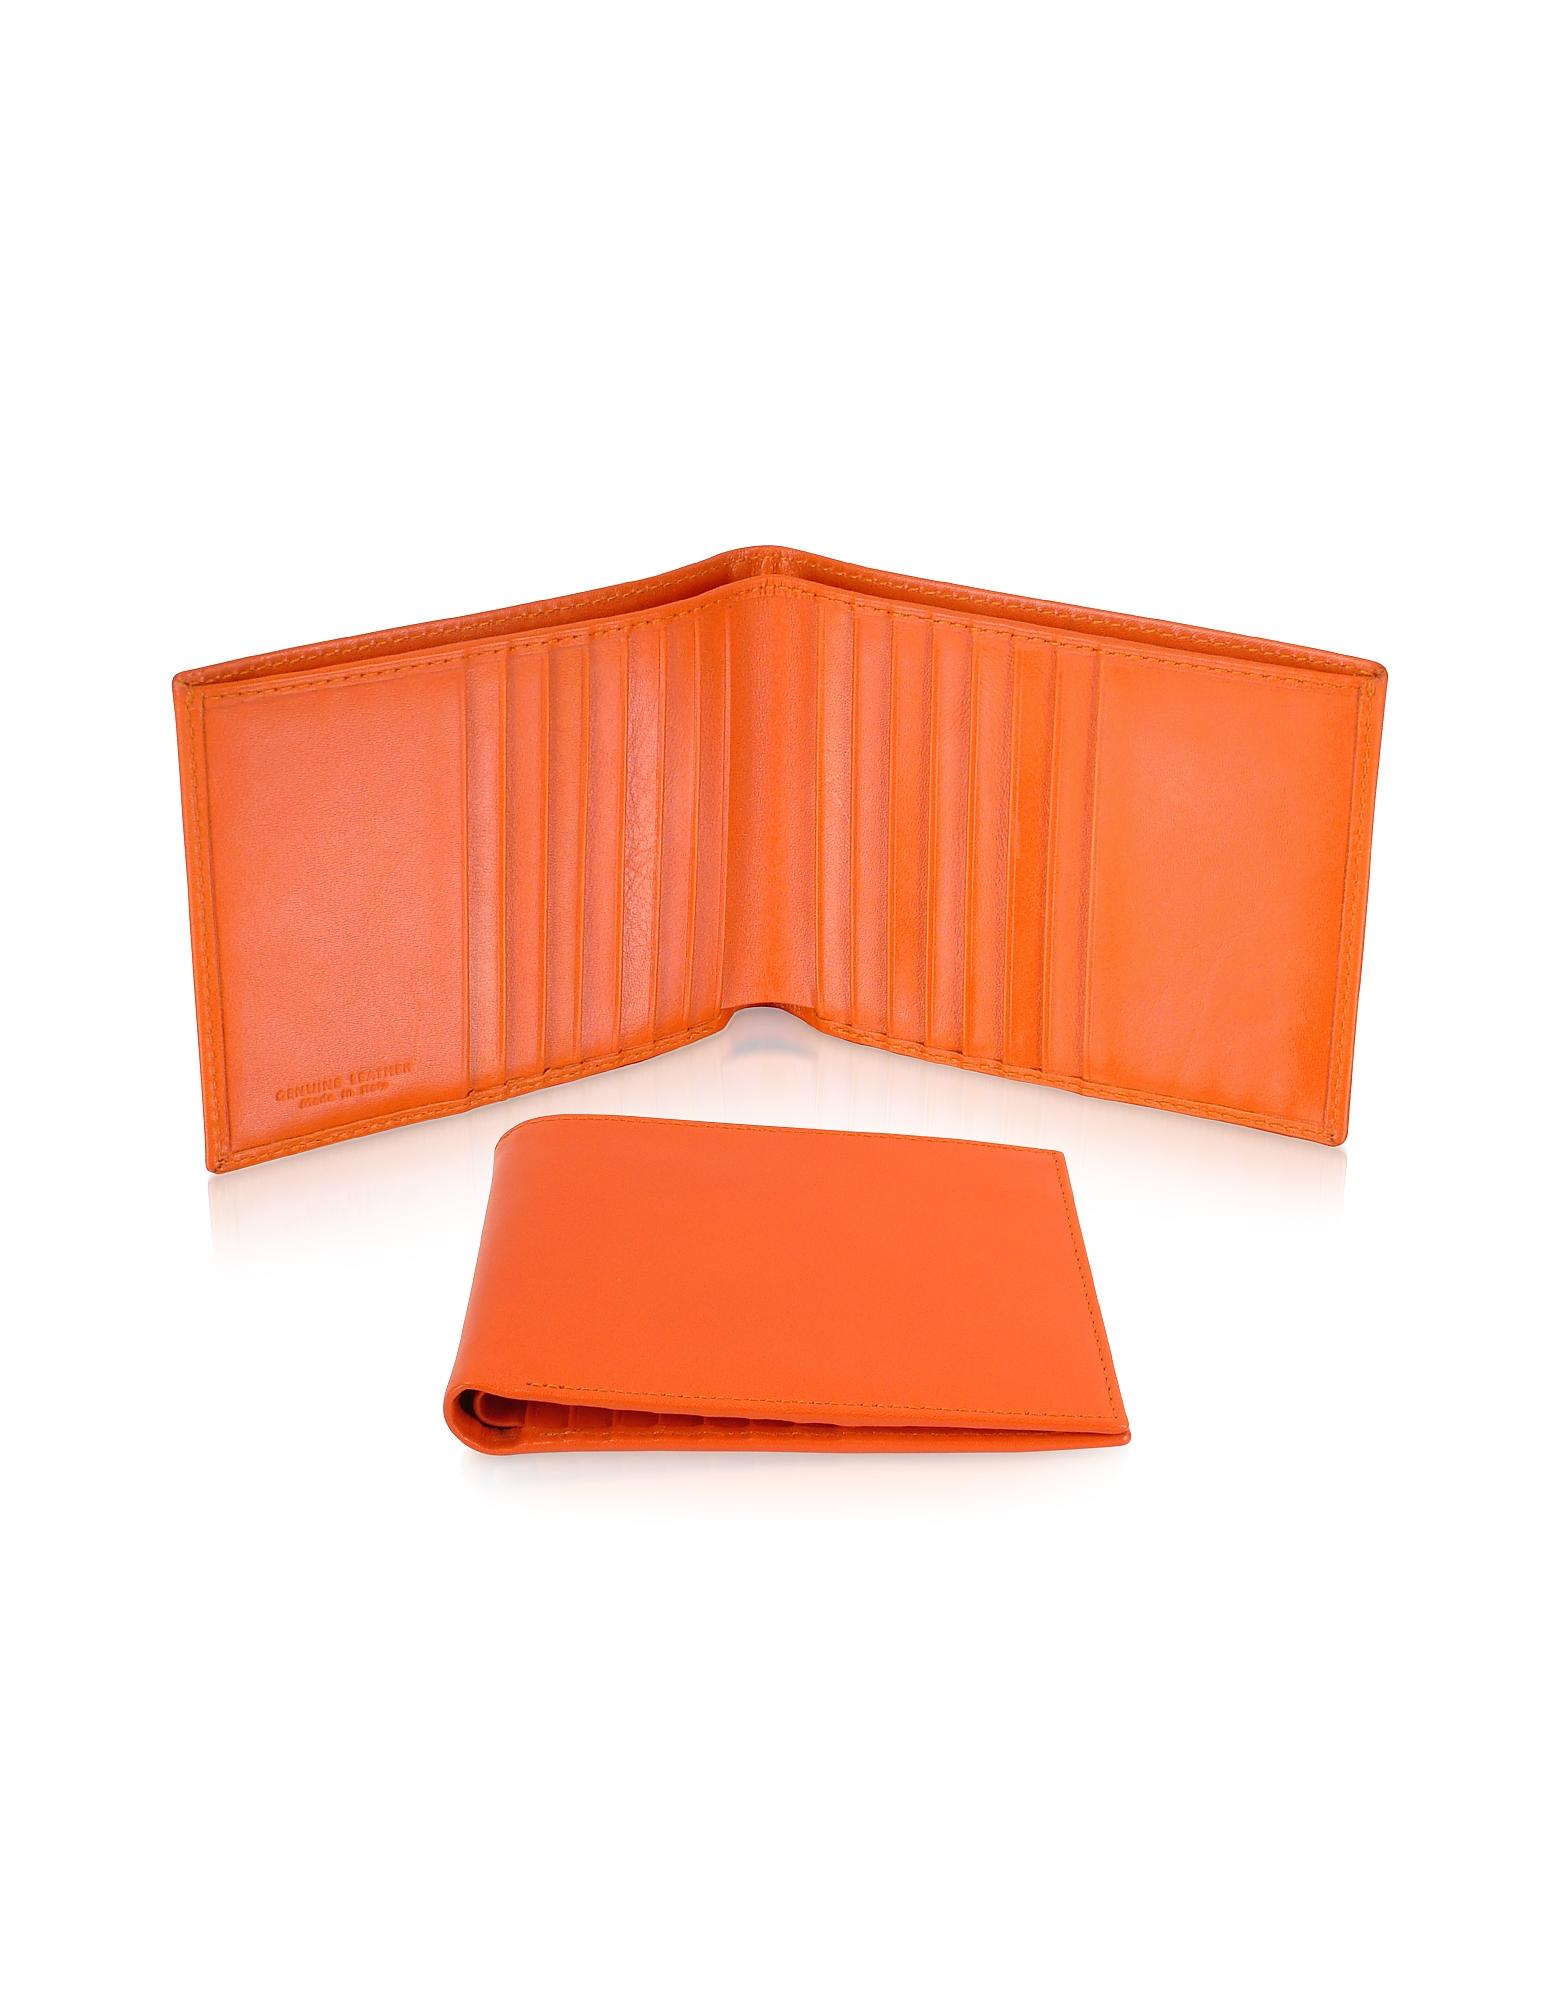 Classica - Оранжевый Мужской Бумажник для Кредитных Карт из Кожи Теленка